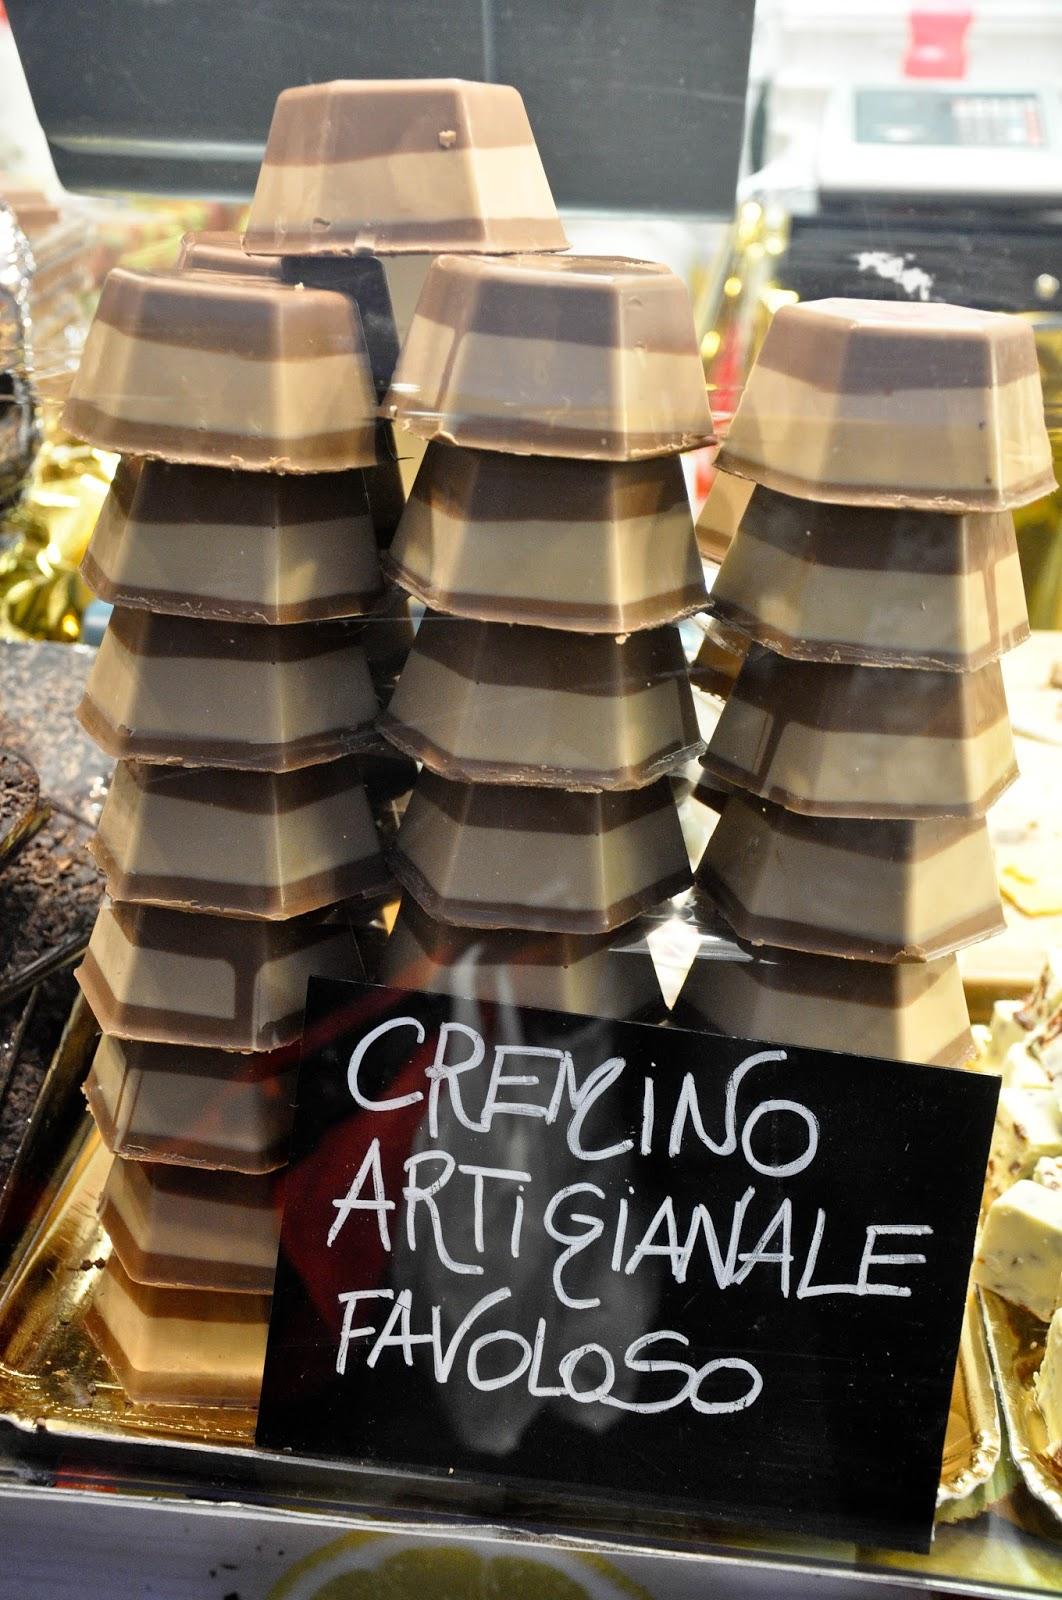 Artisan cremino, Chocolate Festival, Piazza dei Signori, Vicenza, Veneto, Italy